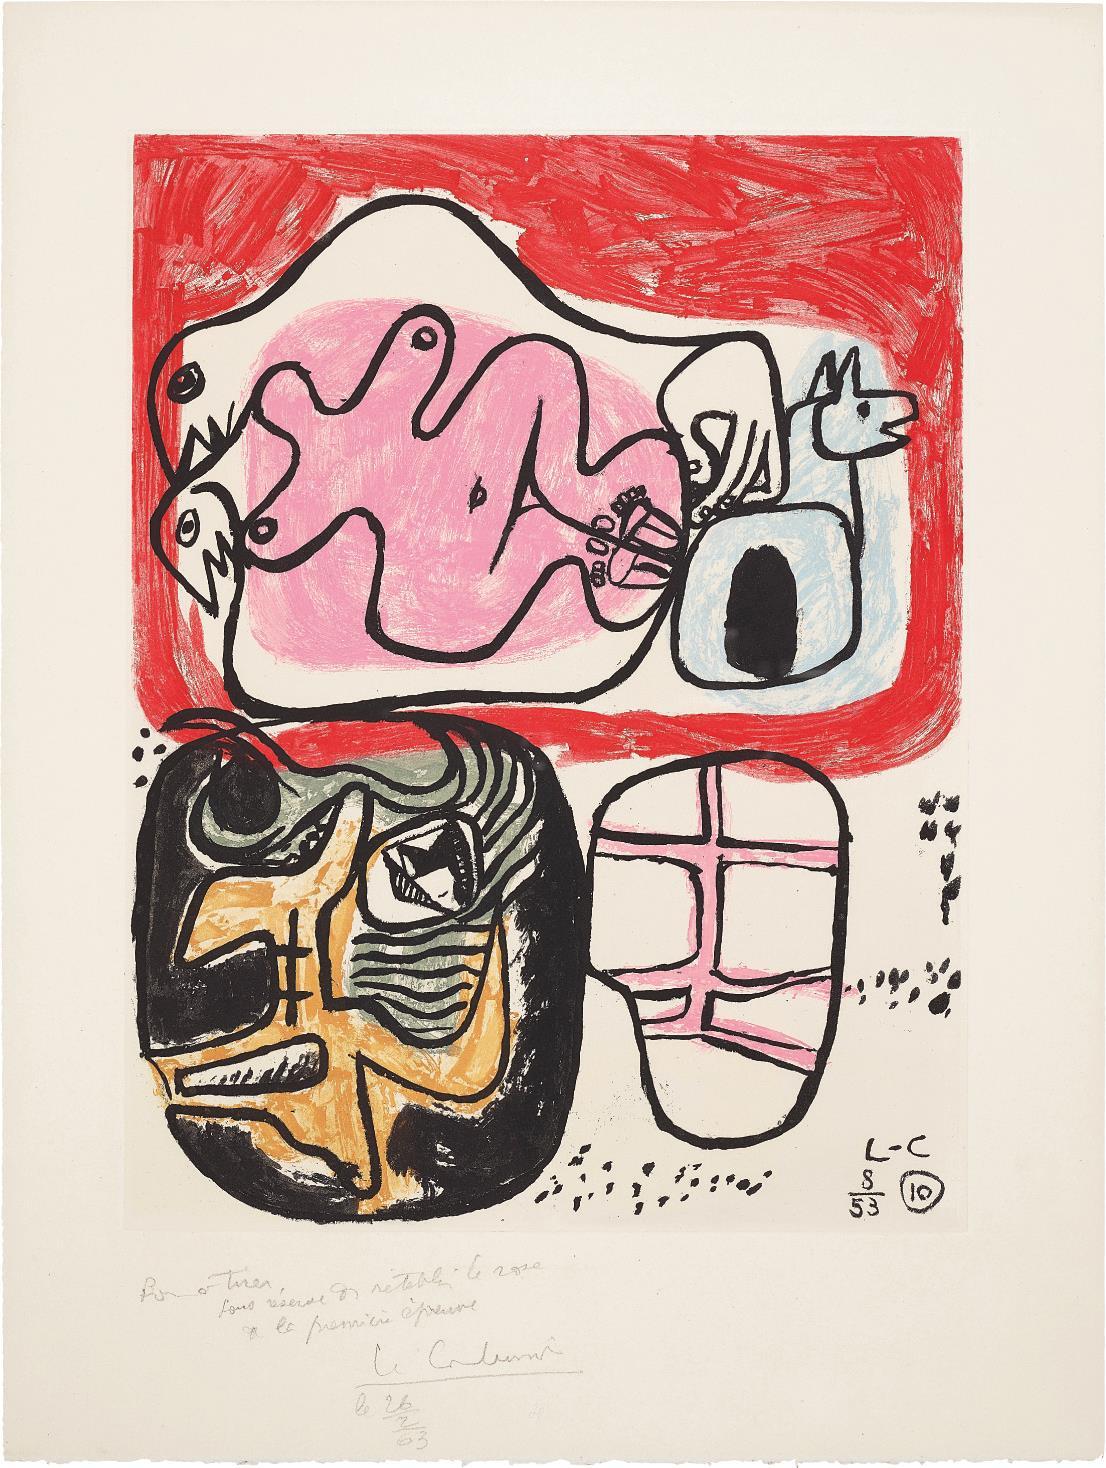 Le Corbusier-Unite: Plate 10-1963